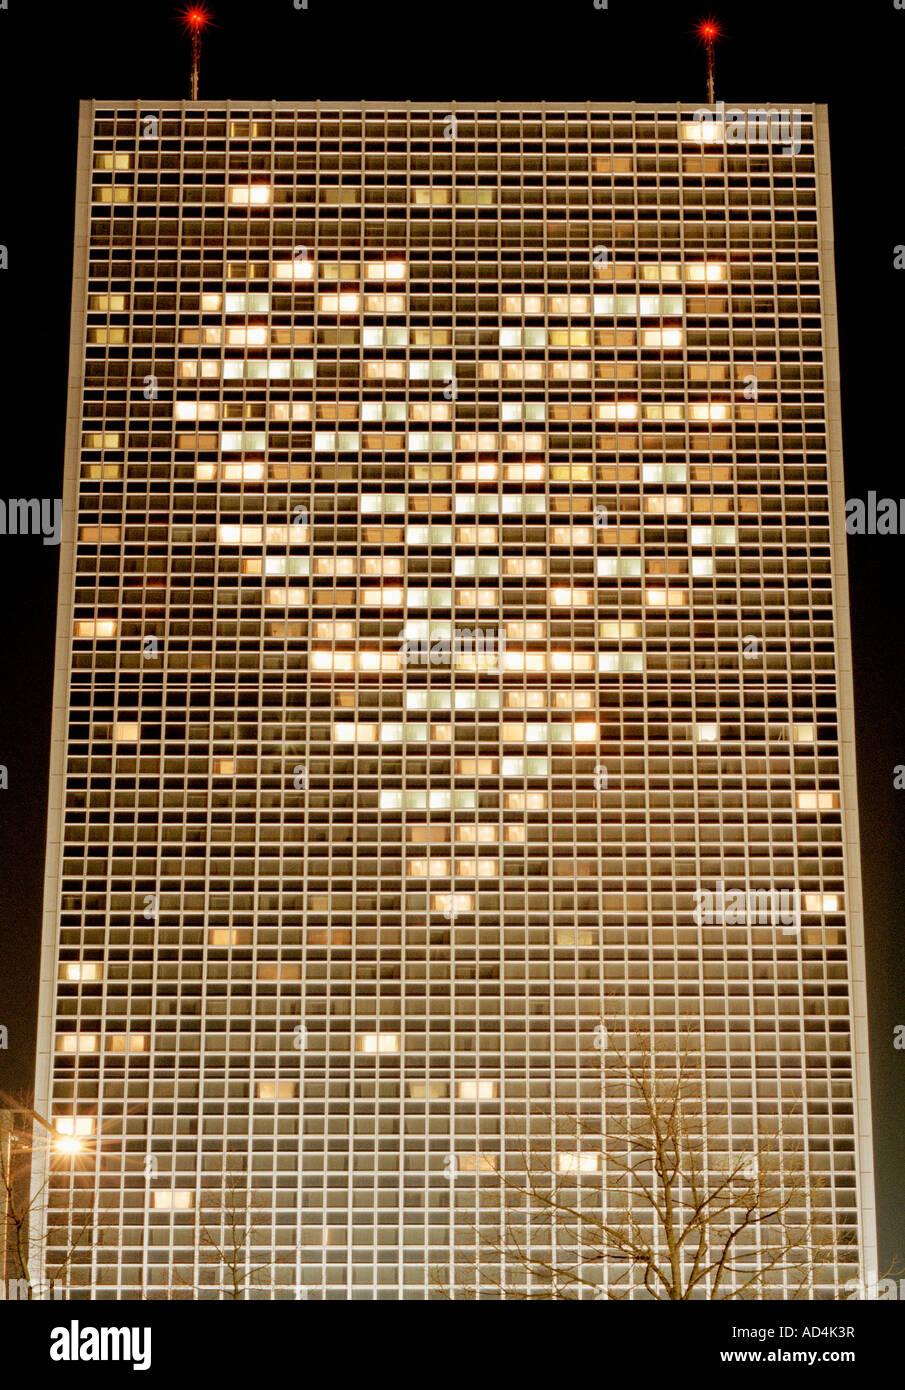 Edificio alto iluminado con luces dispuestos en forma de corazón Foto de stock